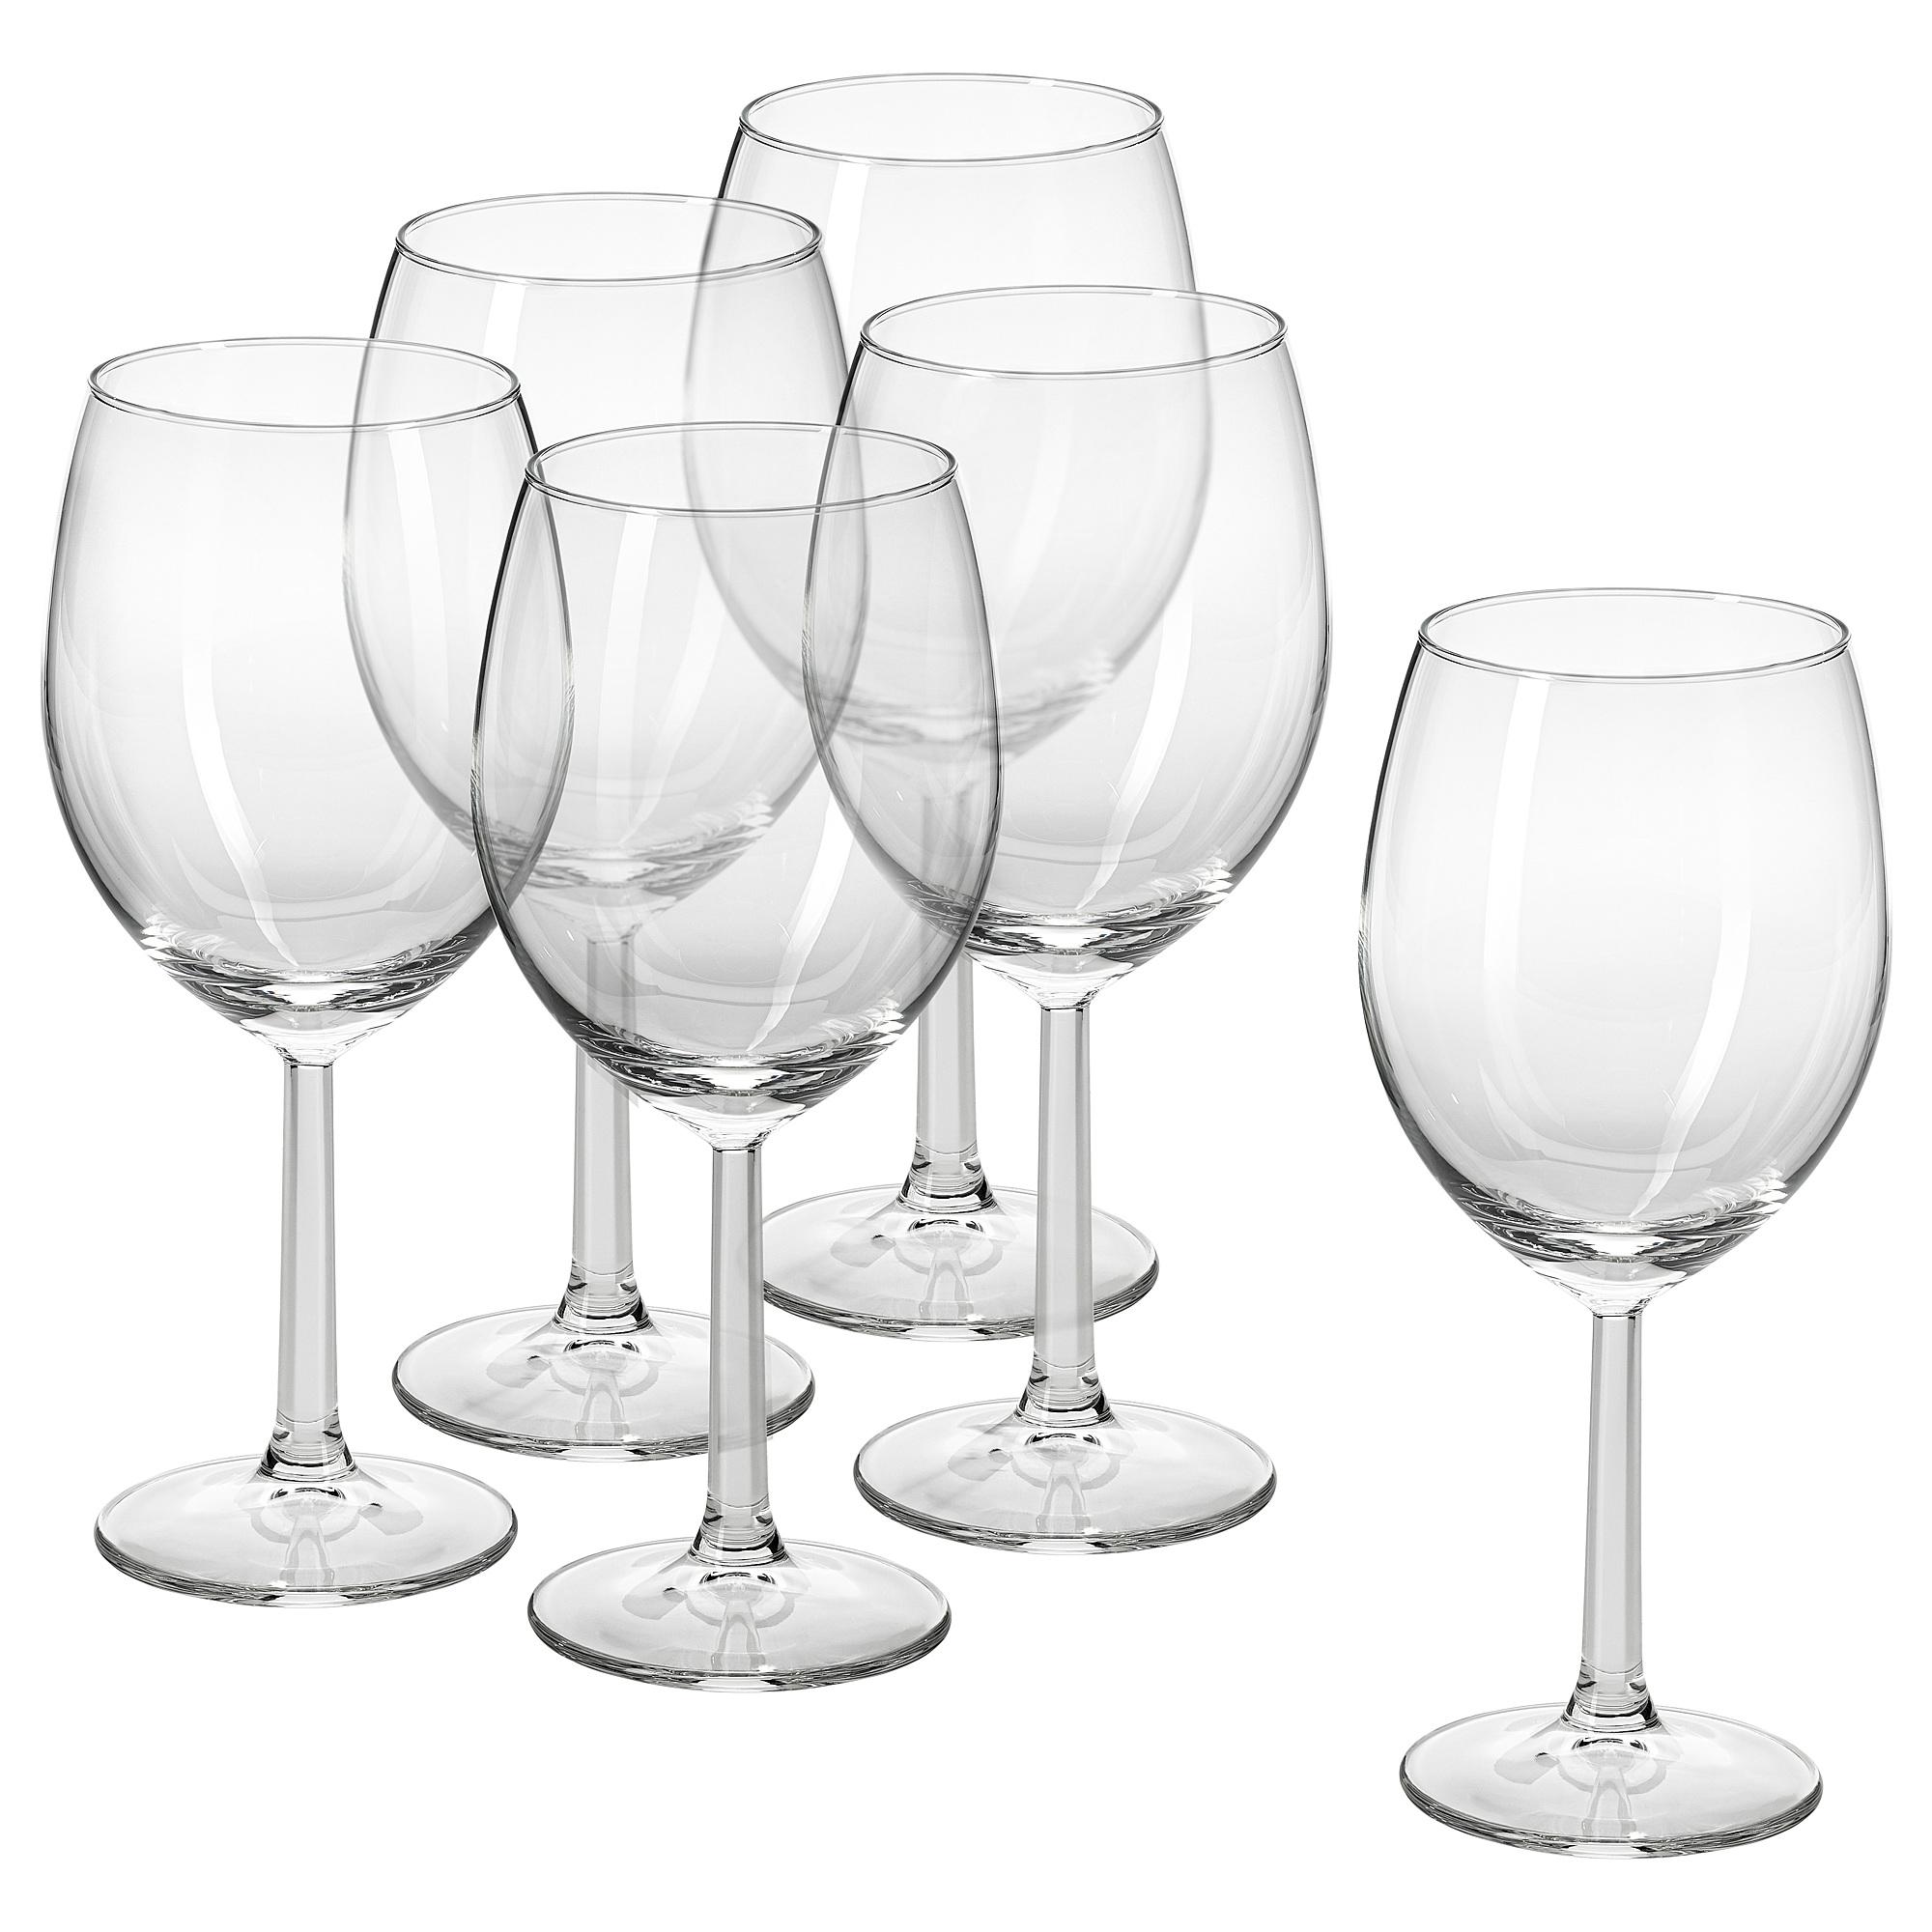 SVALKA Copa de vino blanco, vidrio incoloro IKEA